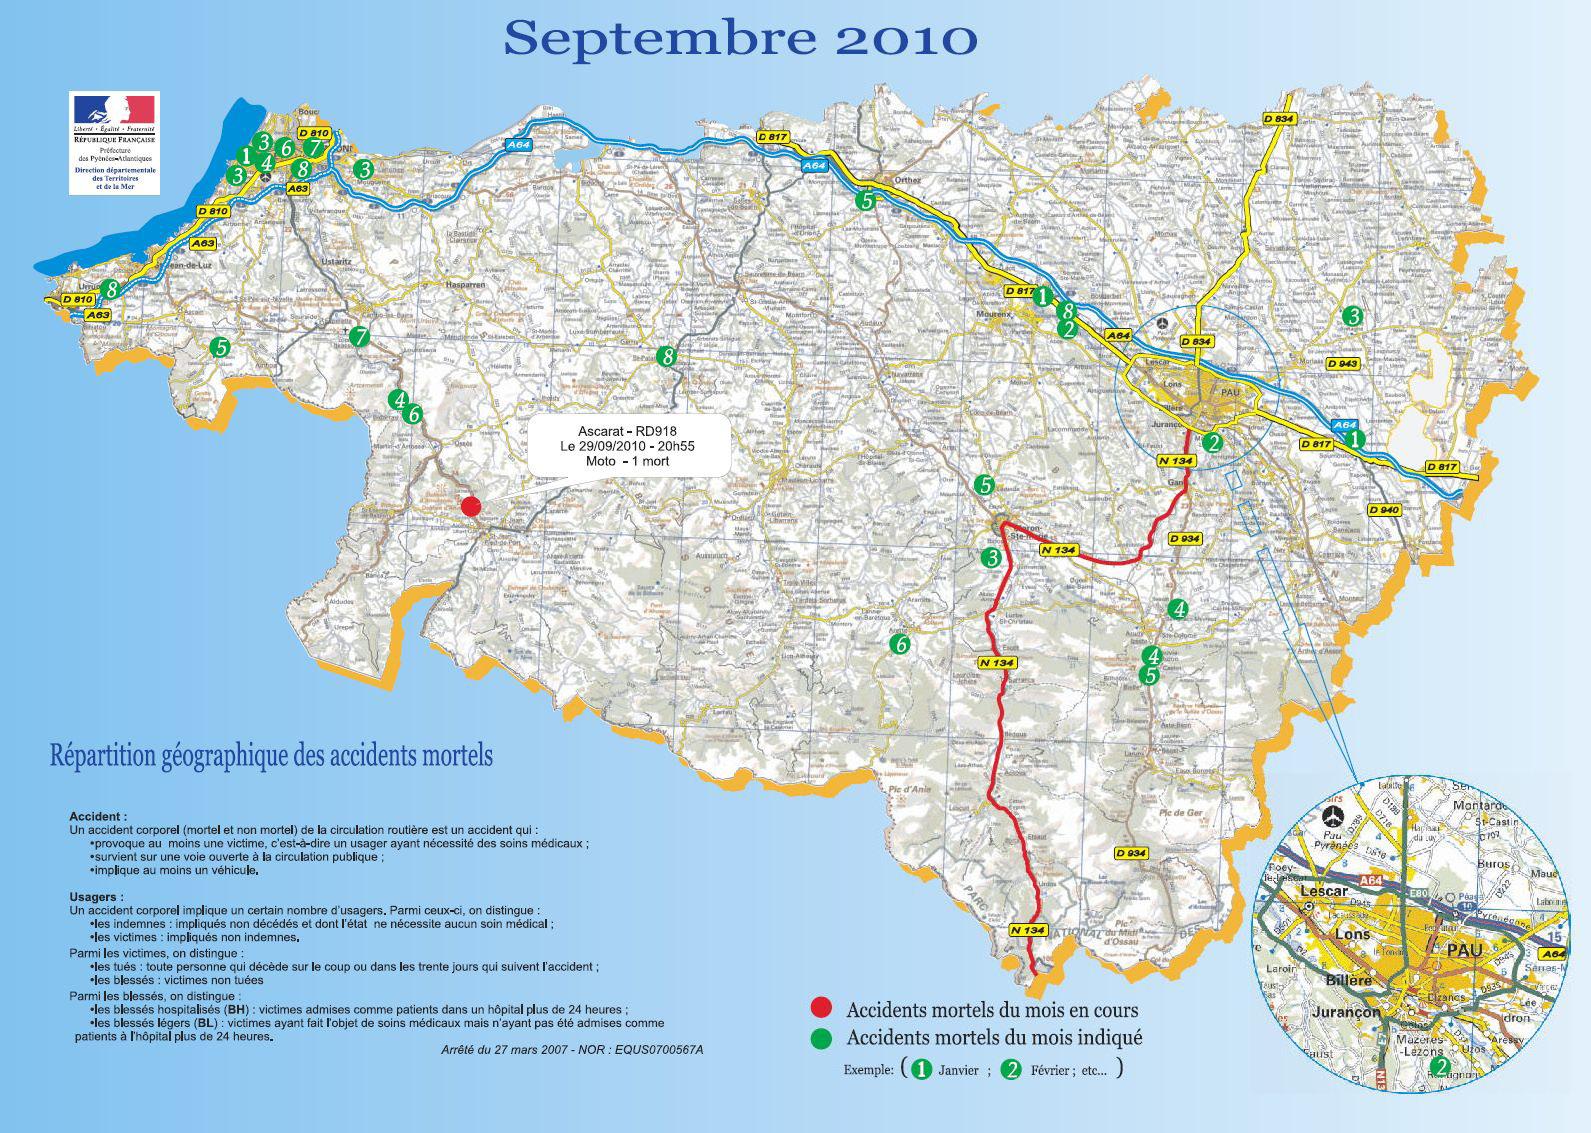 L'accidentologie dans les Pyrénées-Atlantiques